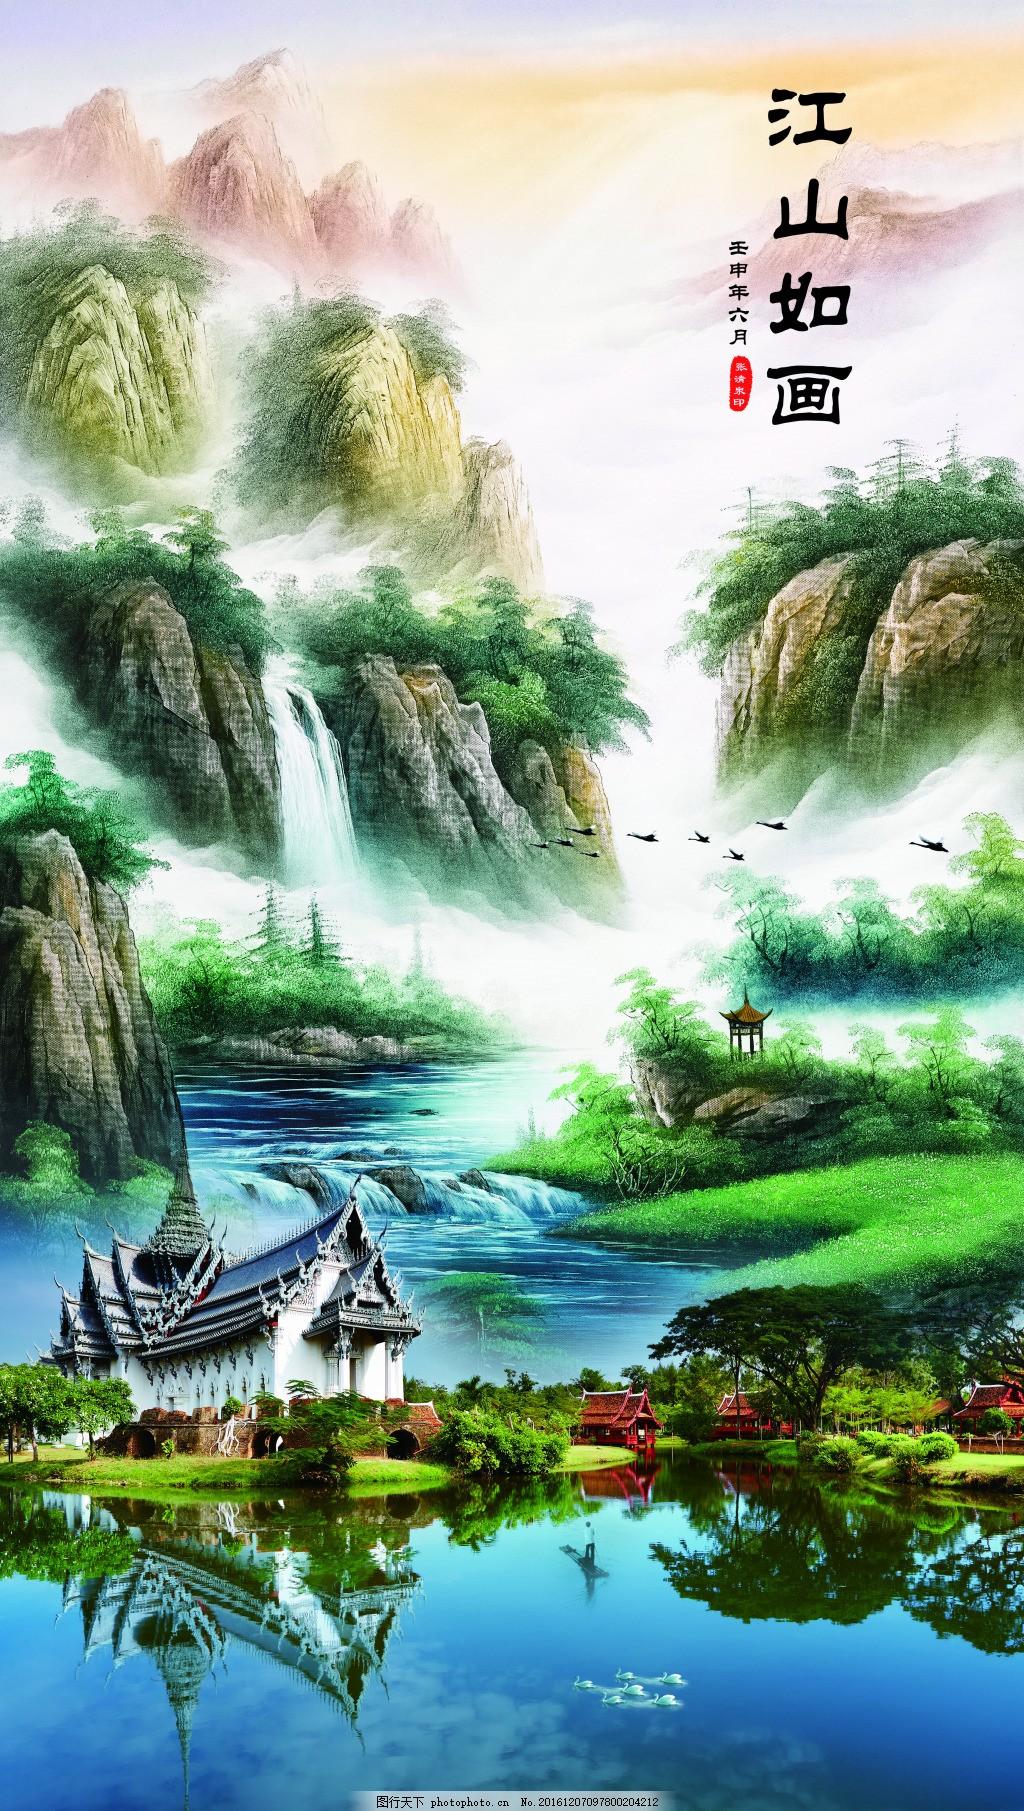 背景图 抽象背景图 室内背景图 玄关 装饰画 装饰 装饰设计 仙境风景